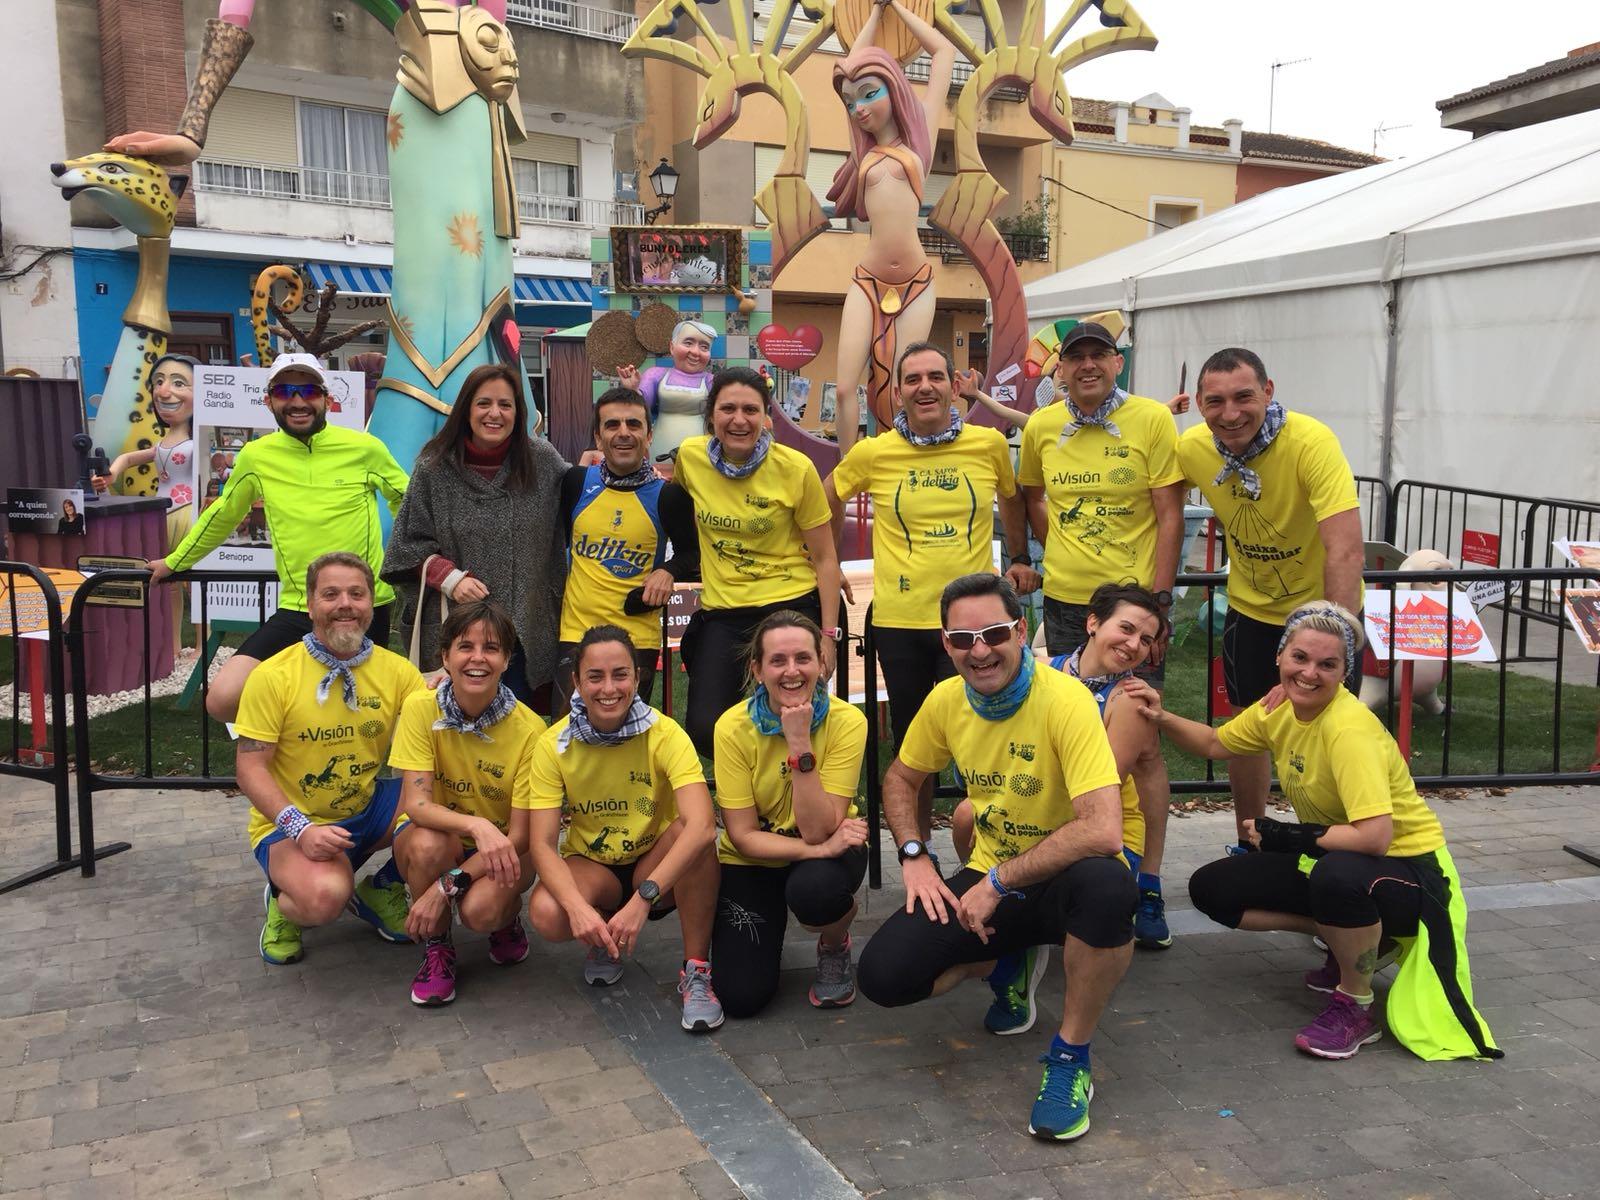 Grup de corredors el CA Safor en la ruta fallera del passat dissabte.